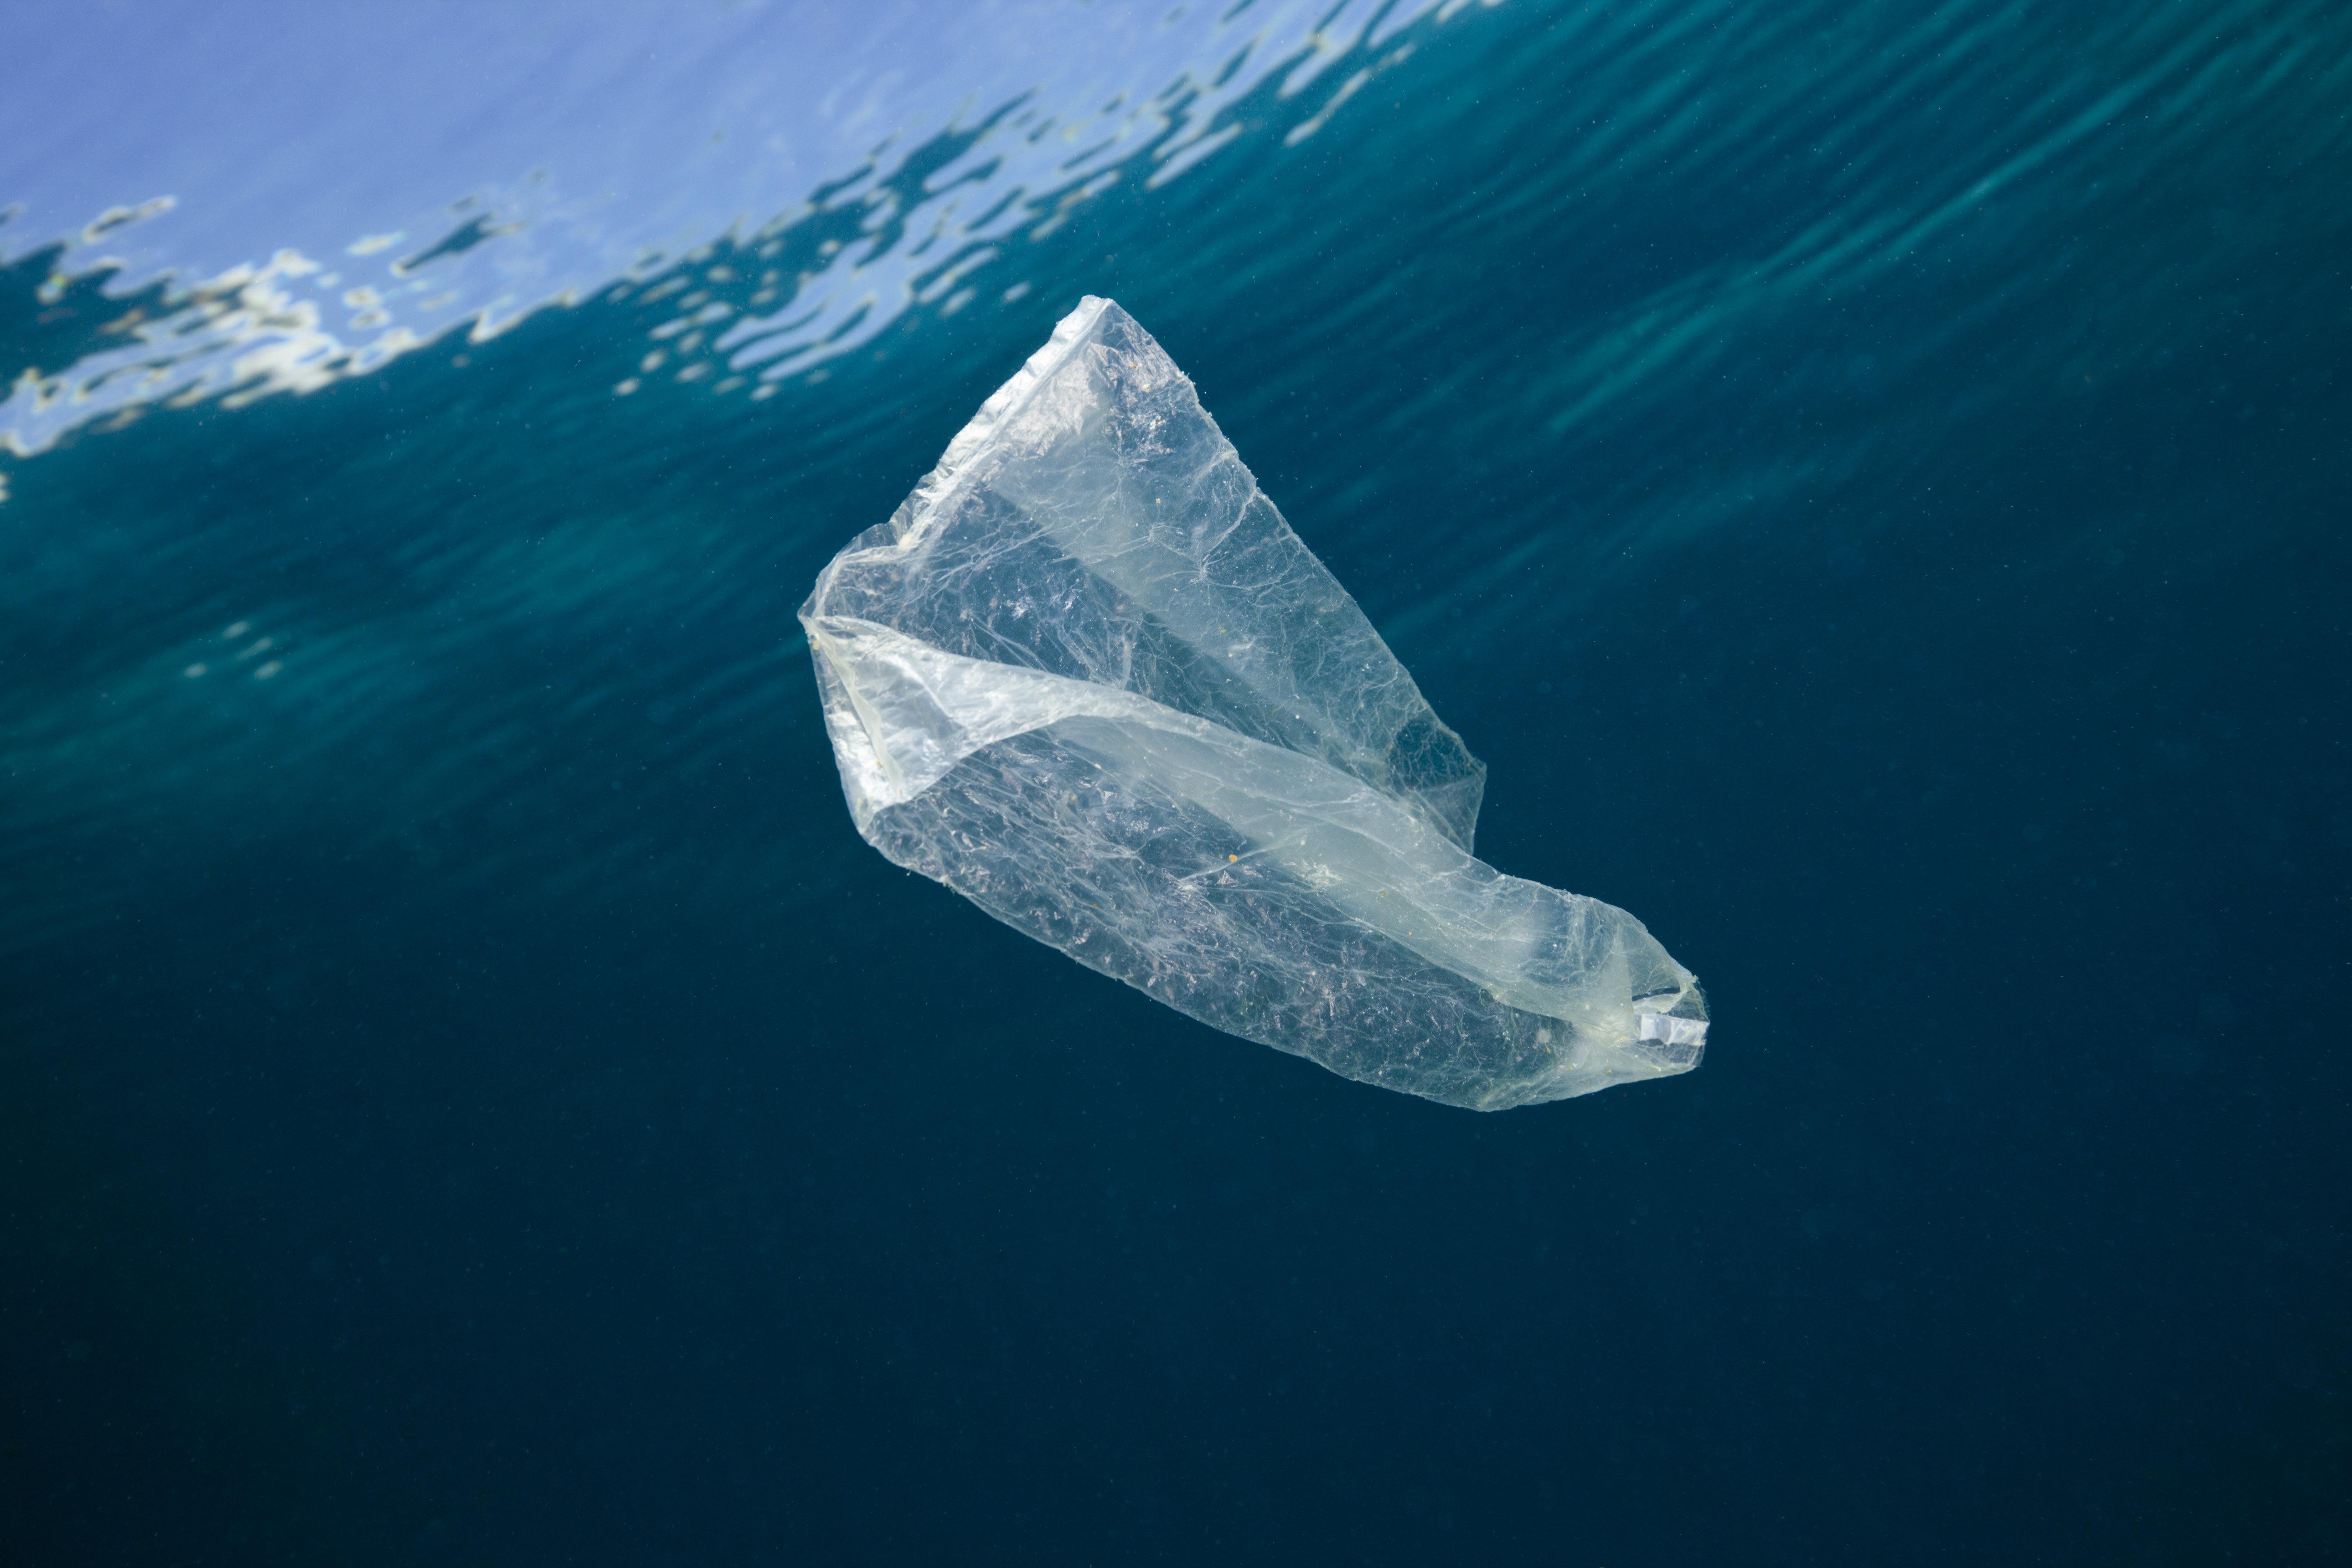 Plastic bag adrift in ocean.